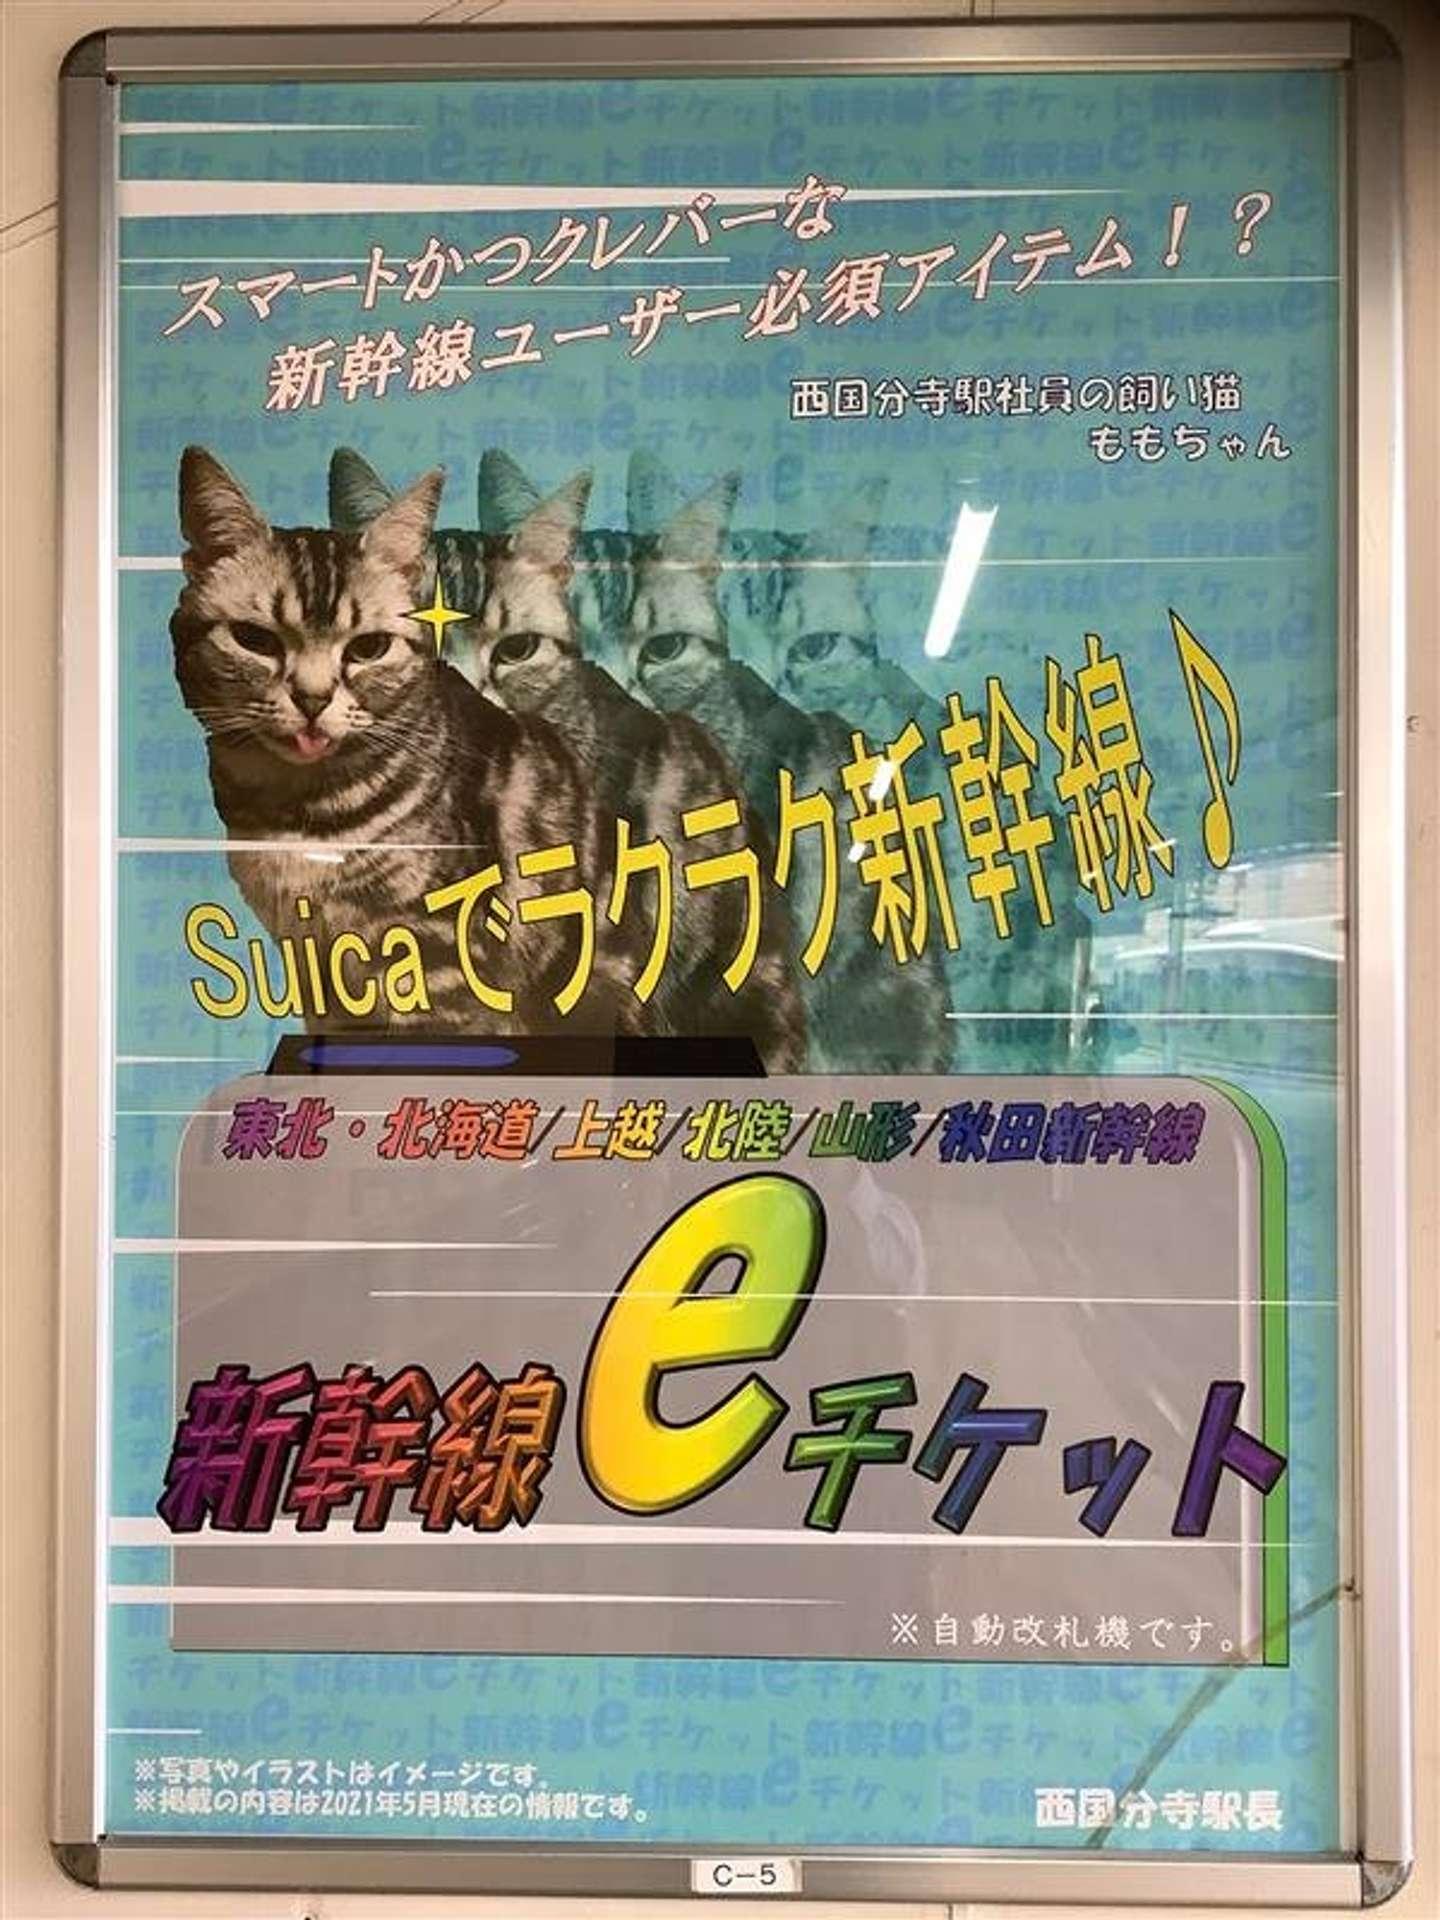 駅社員の飼い猫がモデルさん?(以下、画像はJR東日本八王子支社提供)